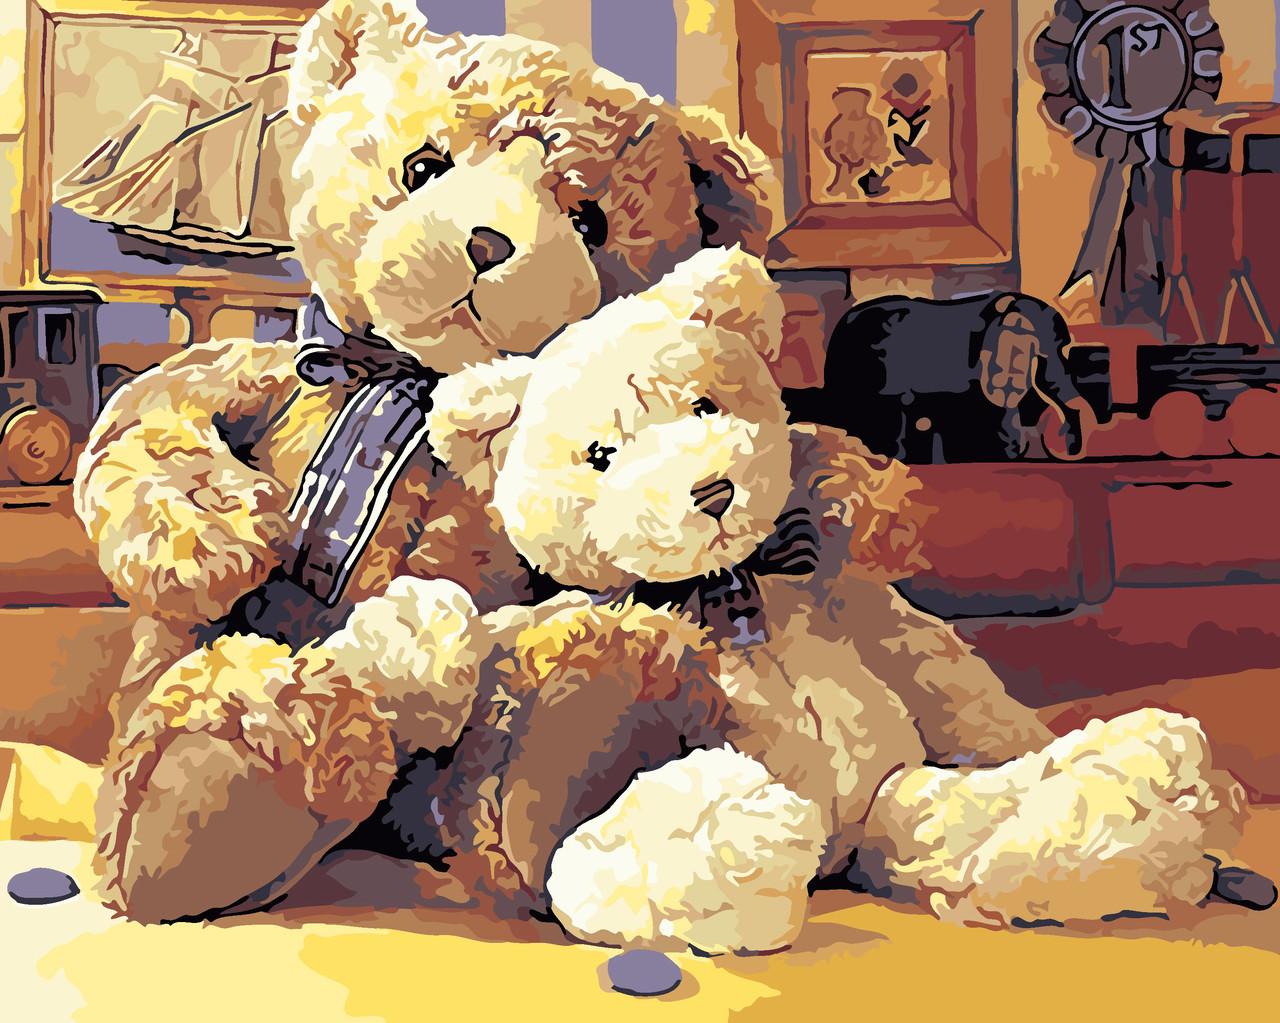 Художественный творческий набор, картина по номерам Старые игрушки, 50x40 см, «Art Story» (AS0105)